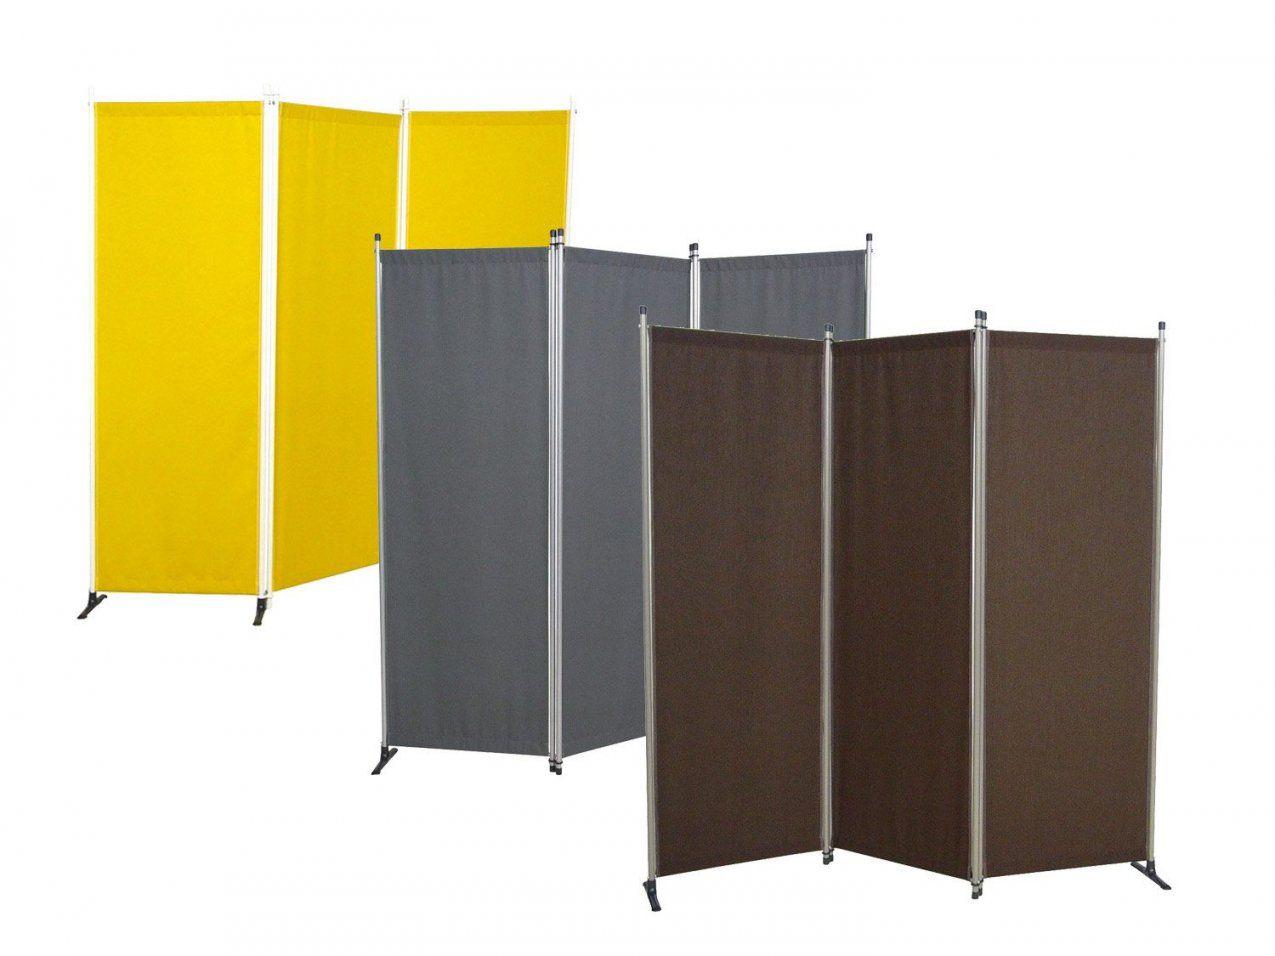 markisen sichtschutz lidl deutschland lidl von. Black Bedroom Furniture Sets. Home Design Ideas